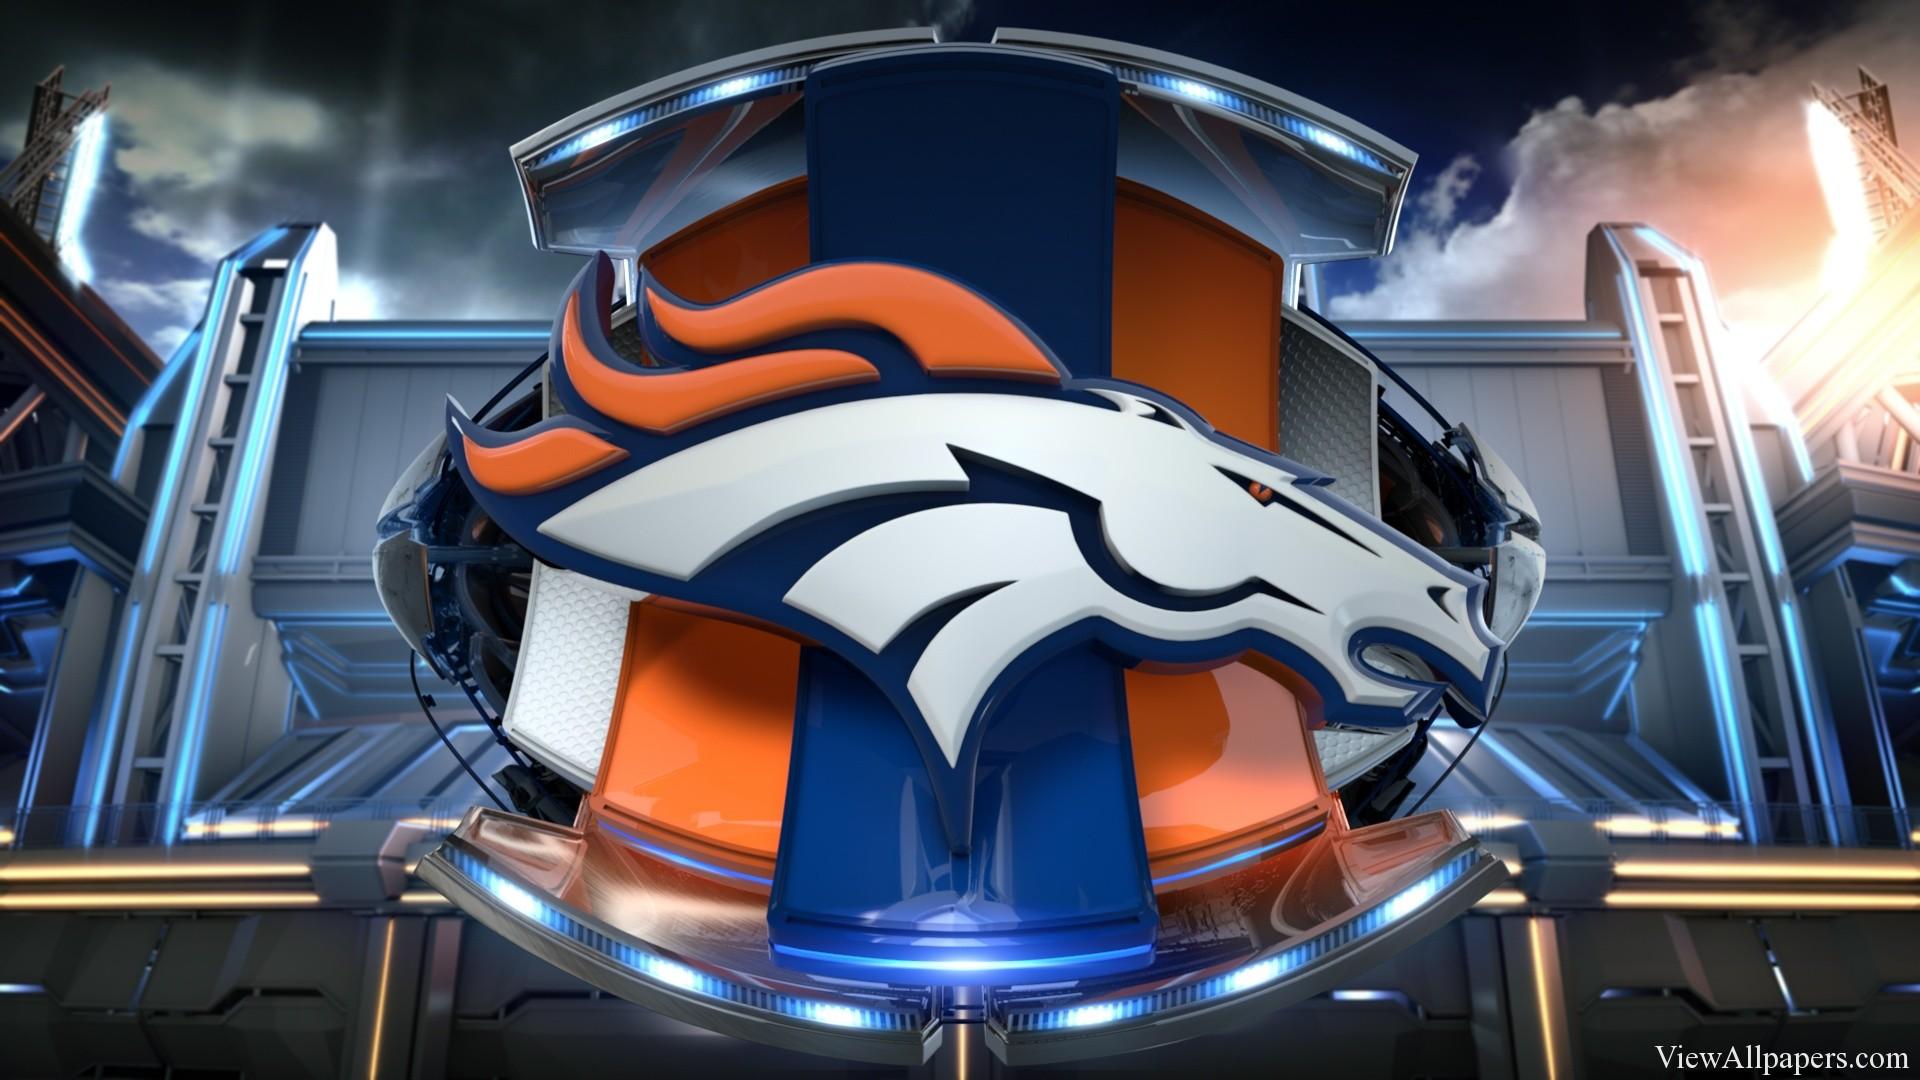 Denver Broncos HD Wallpaper High Resolution, Free download Denver .